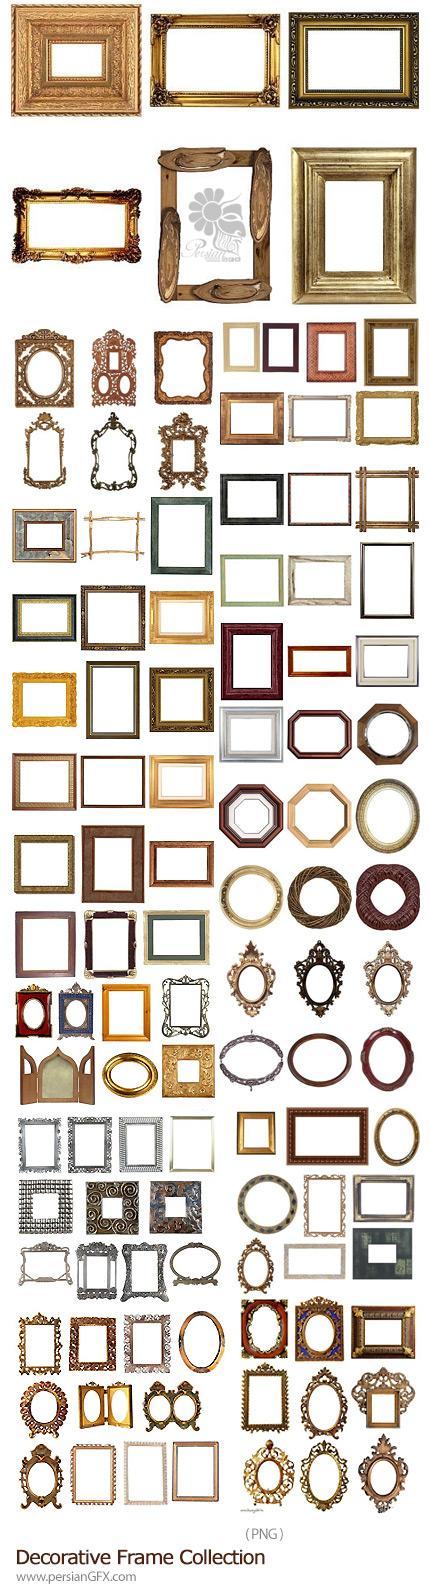 دانلود مجموعه تصاویر قاب و حاشیه های تزئینی متنوع - Decorative Frame Collection